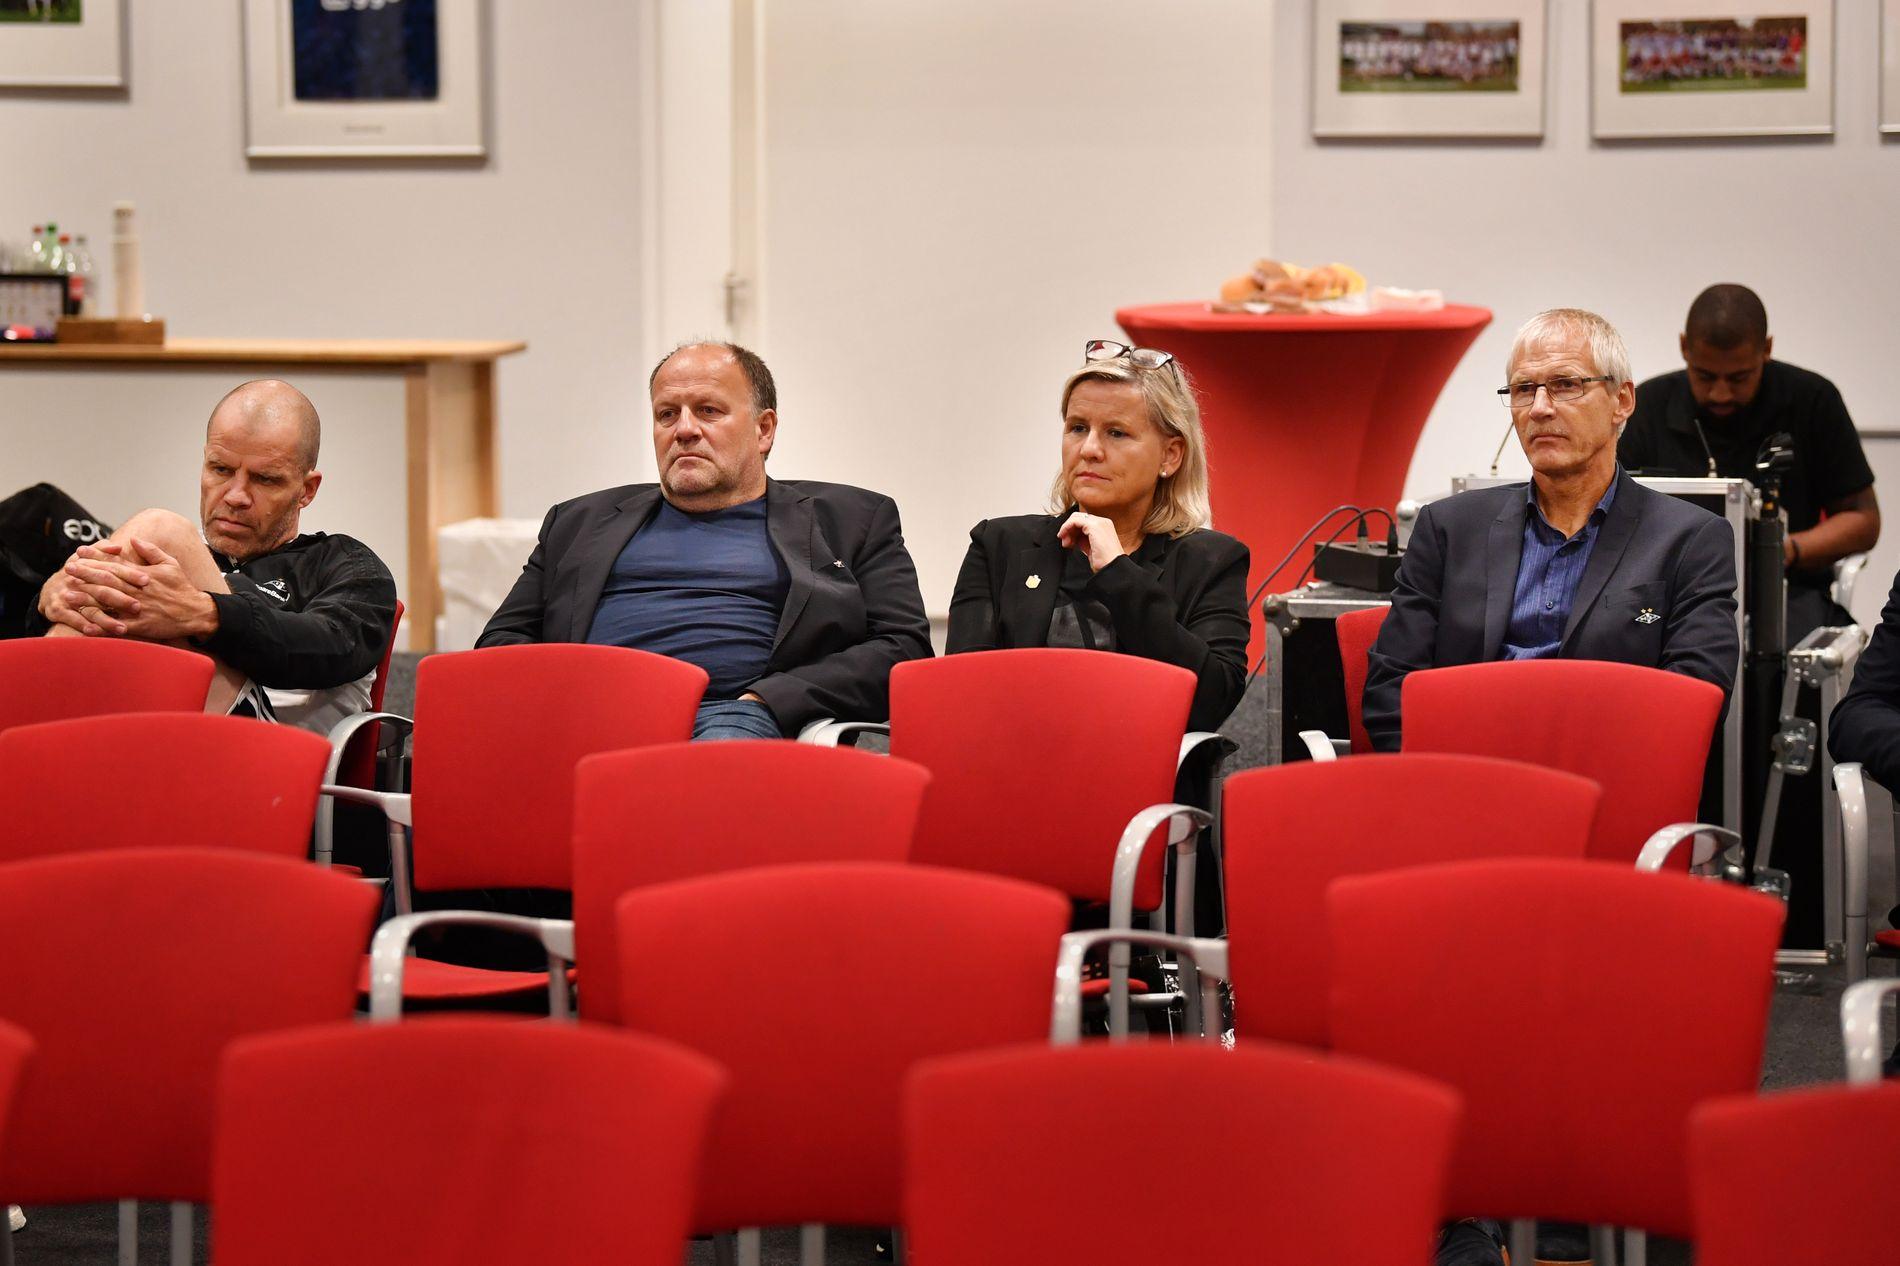 SNUR: Fra venstre: Sportslig leder Stig Inge Bjørnebye, styreleder Ivar Koteng, daglig leder Tove Moe Dyrhaug og speider Hallvar Thoresen i Rosenborg.